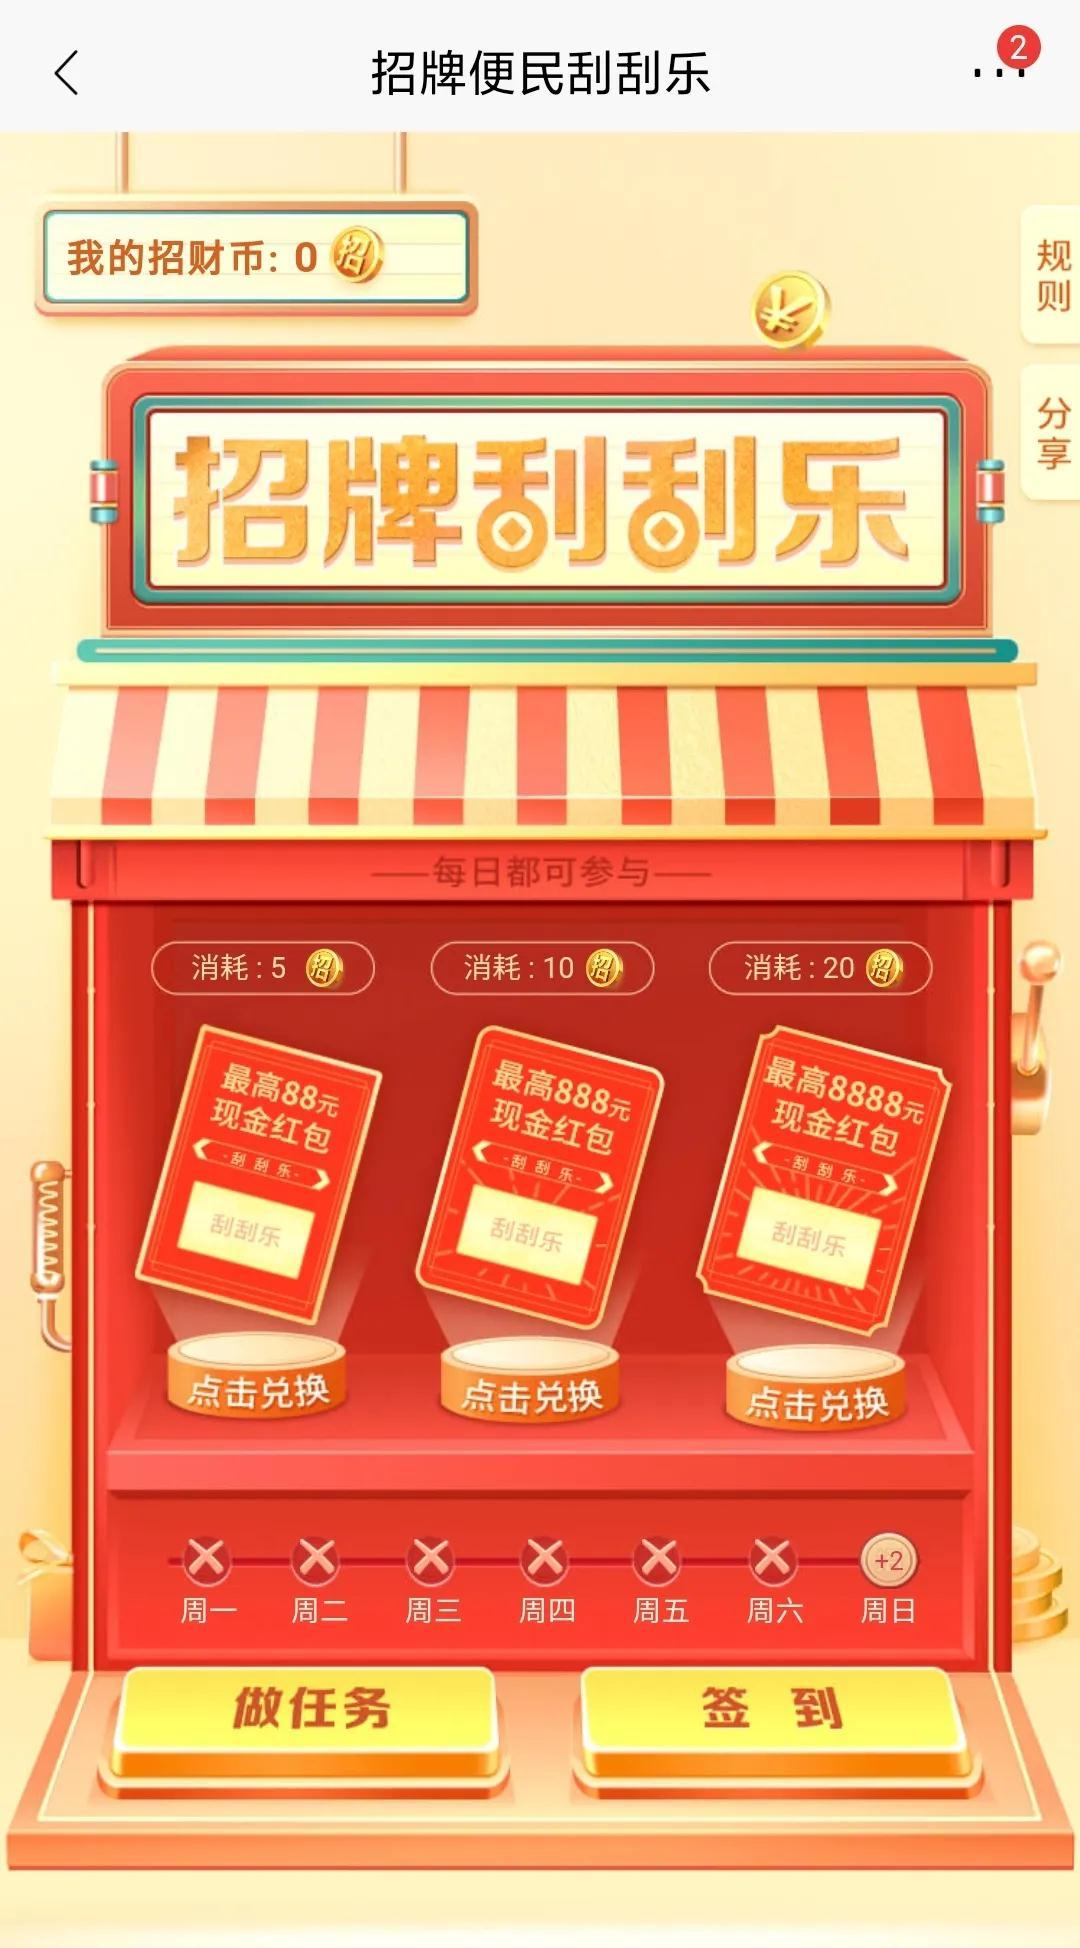 招商银行app查询公积金免费领取188元现金红包